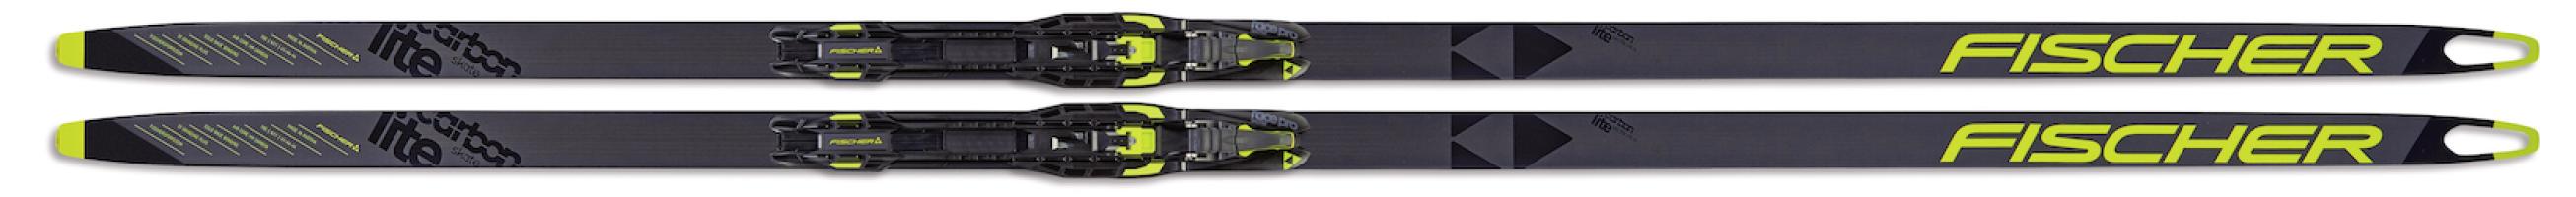 FISCHER CARBONLITE SKATE - Modell 2020/21